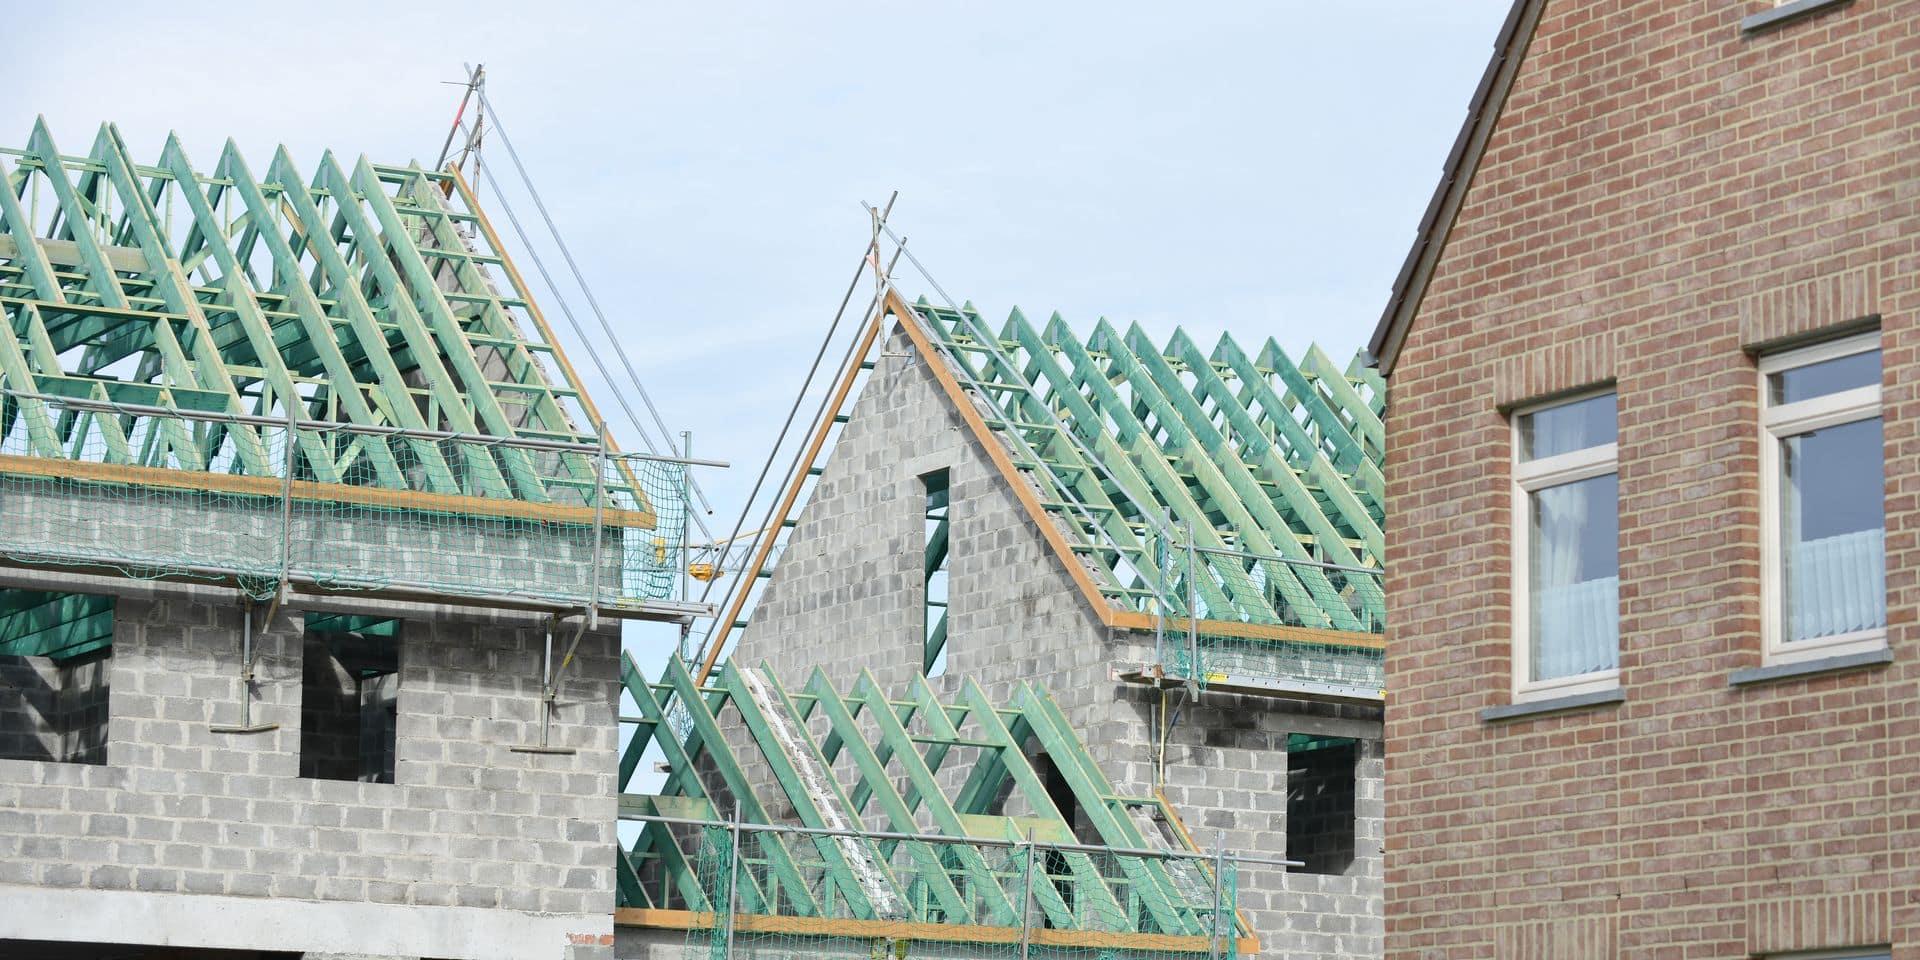 Immobilier construction quartier maison logement hypothécaire crédit propriété toit bois isolation chaleur